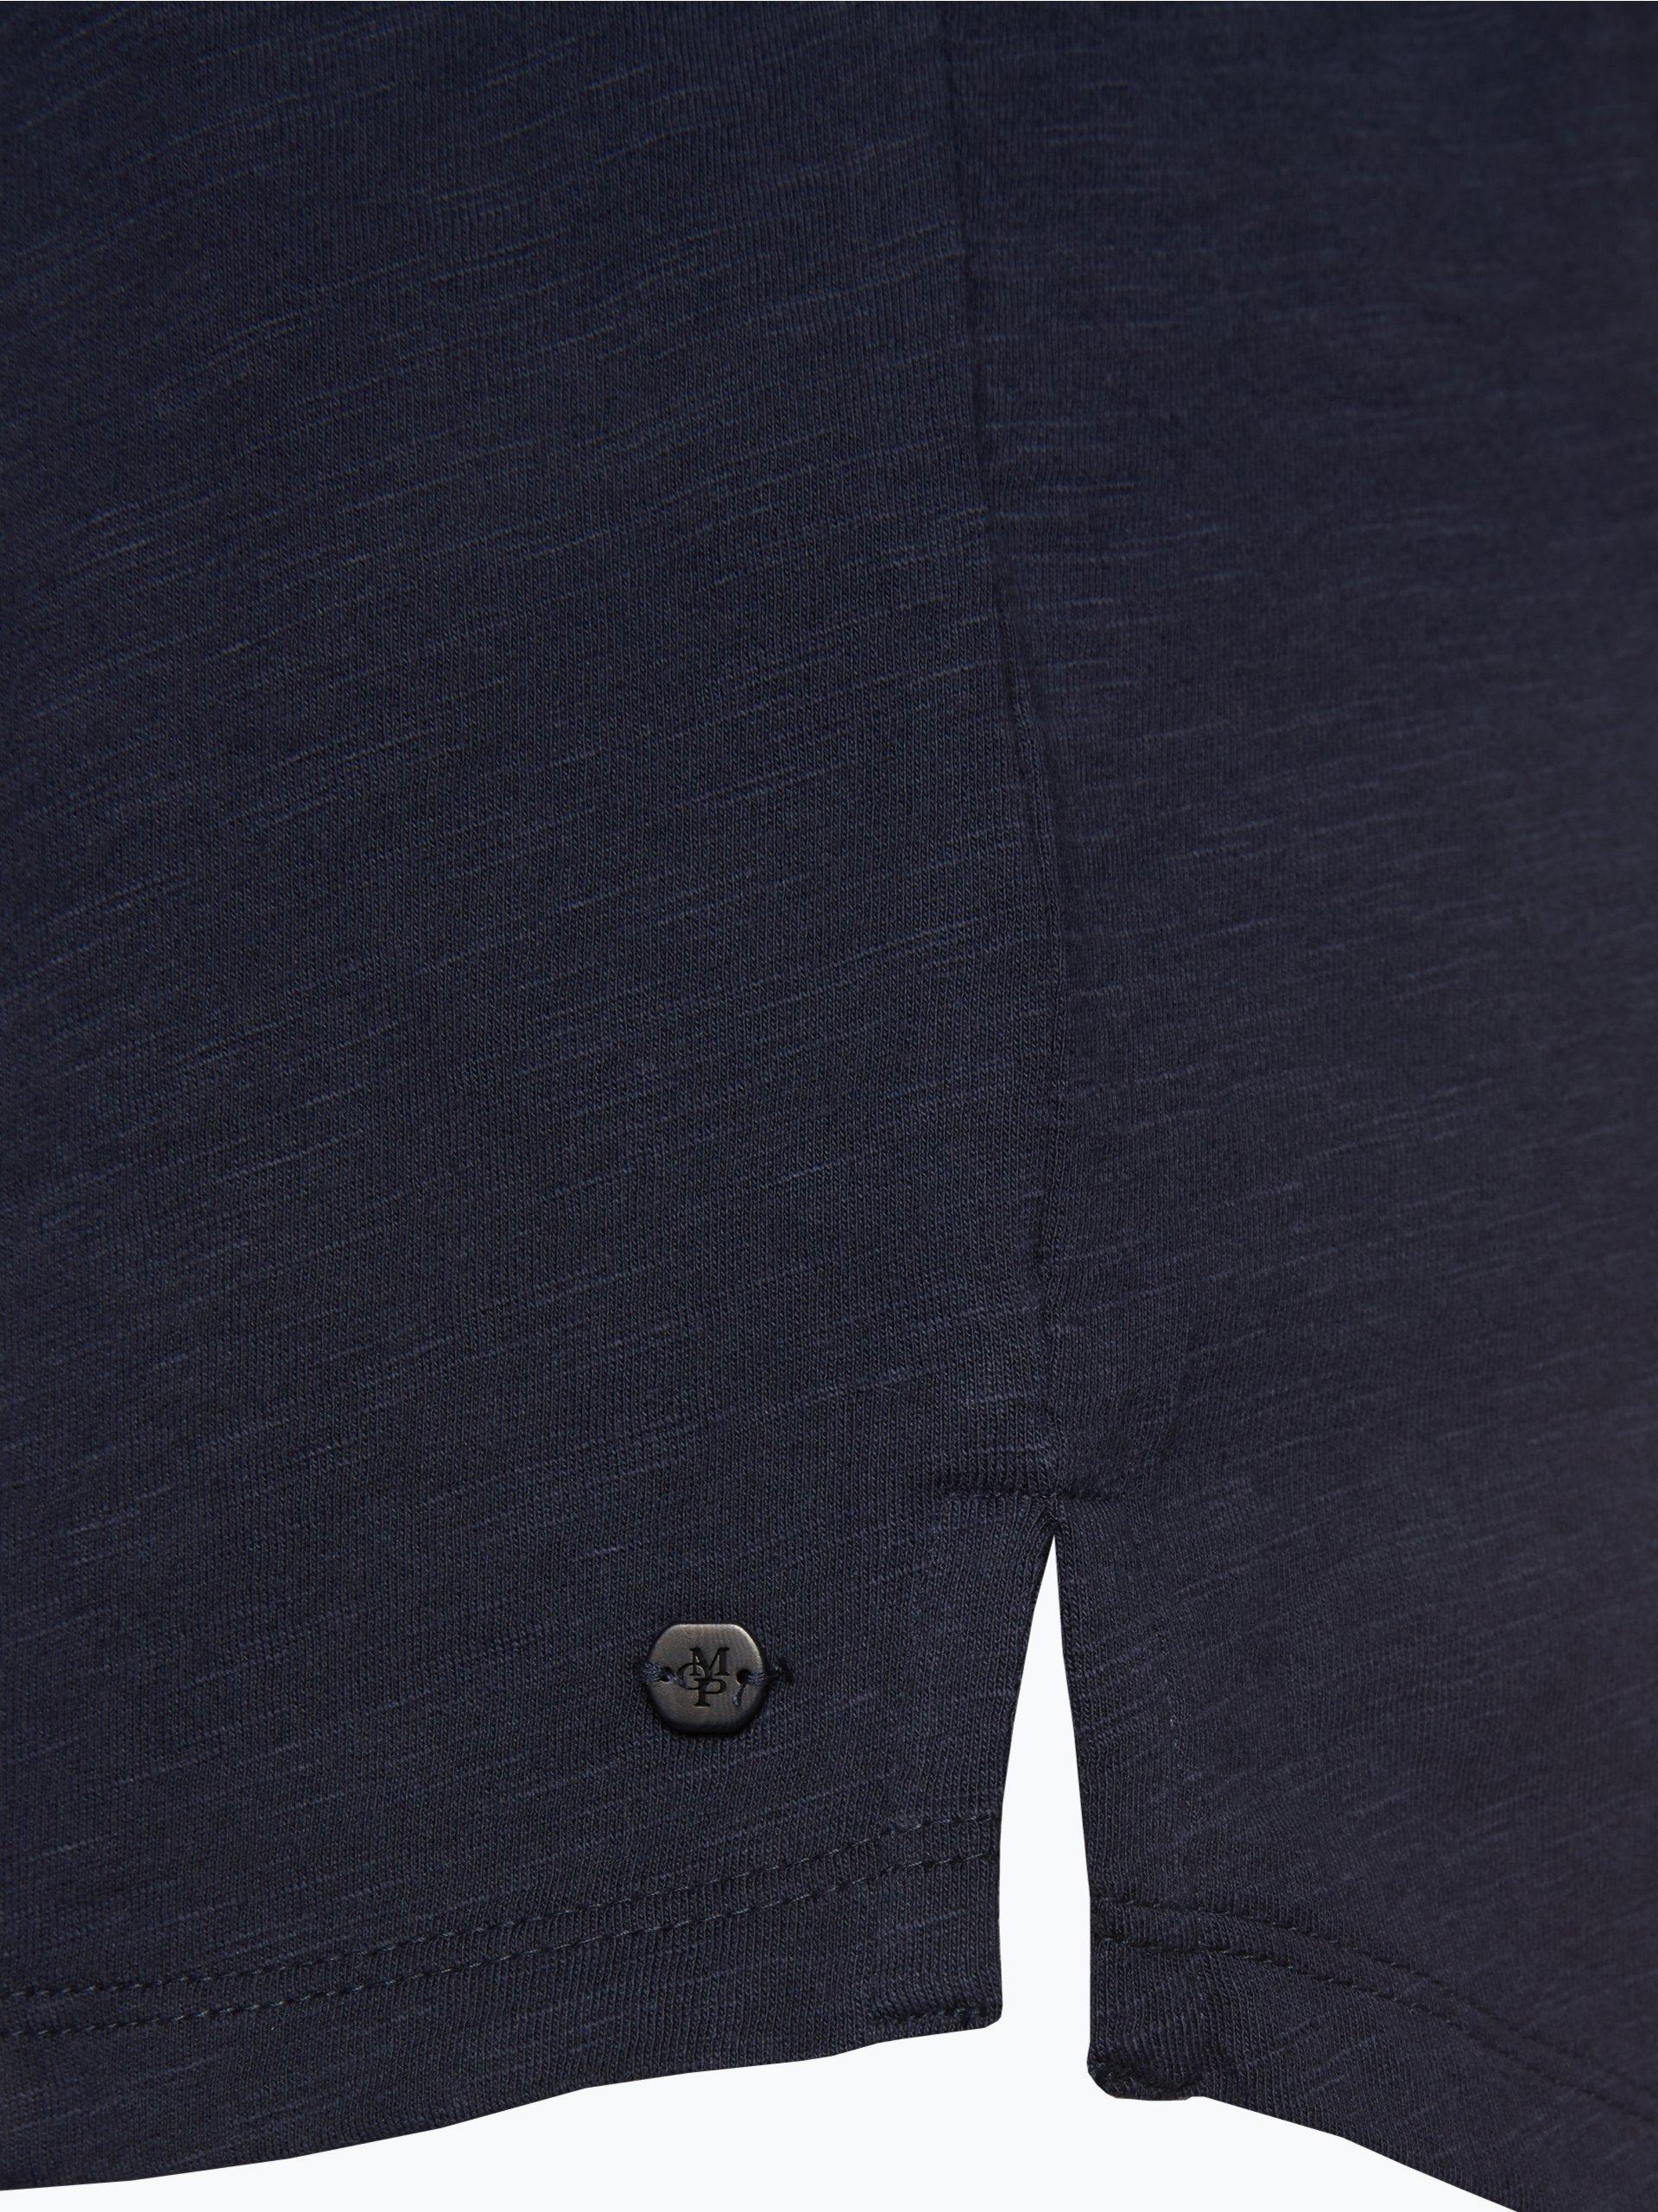 Review Damska bluza nierozpinana